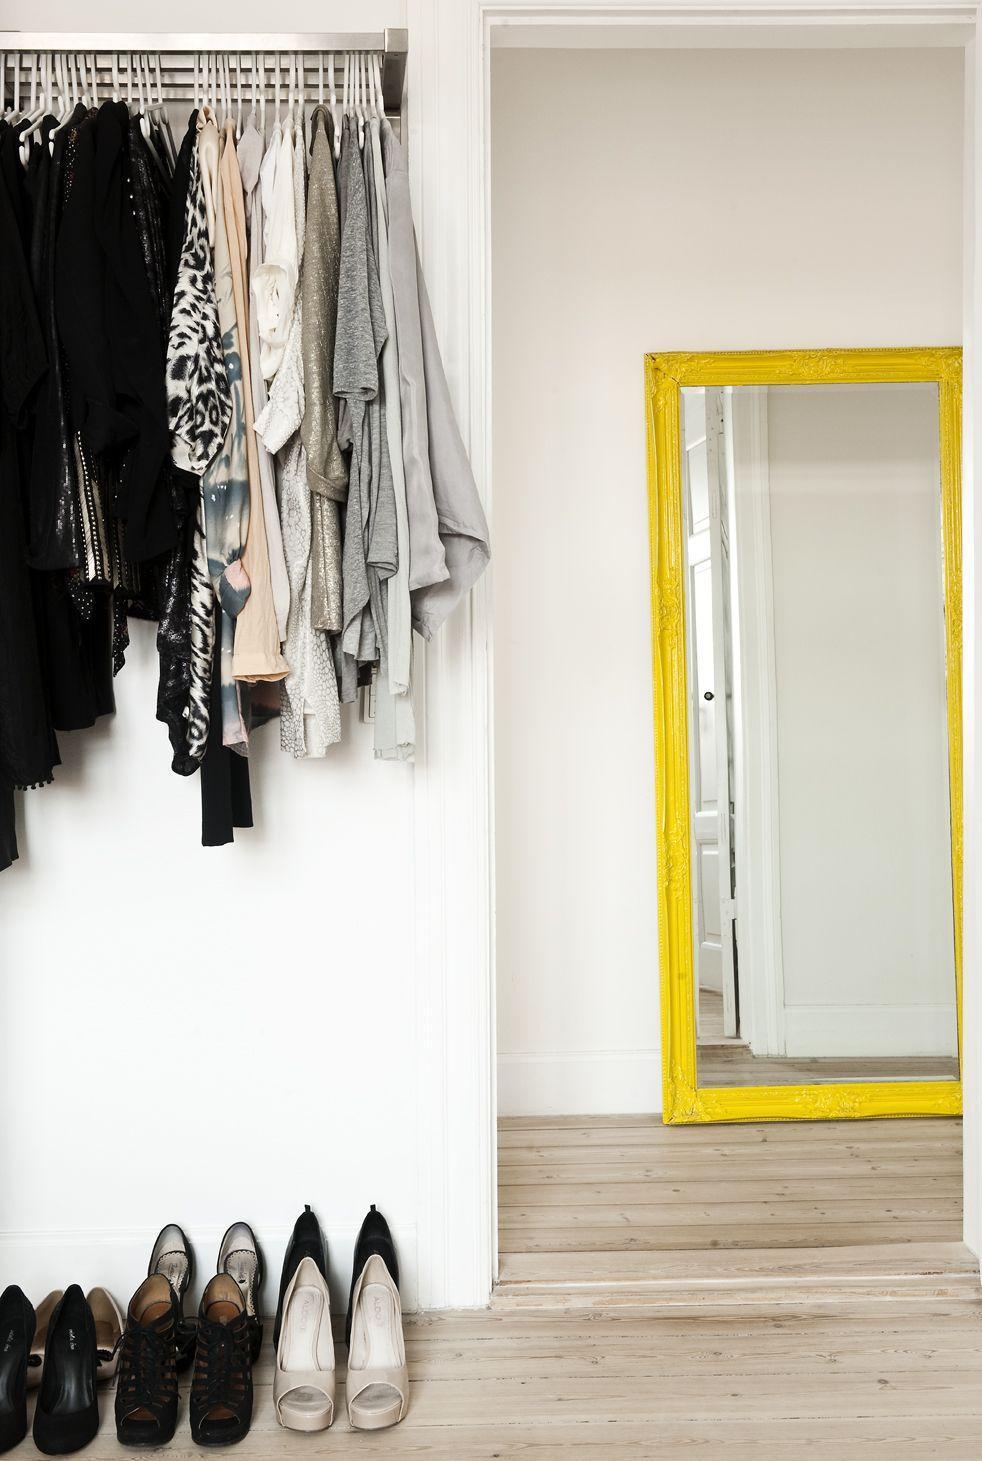 Прямоугольное зеркало в желтой раме в прихожей